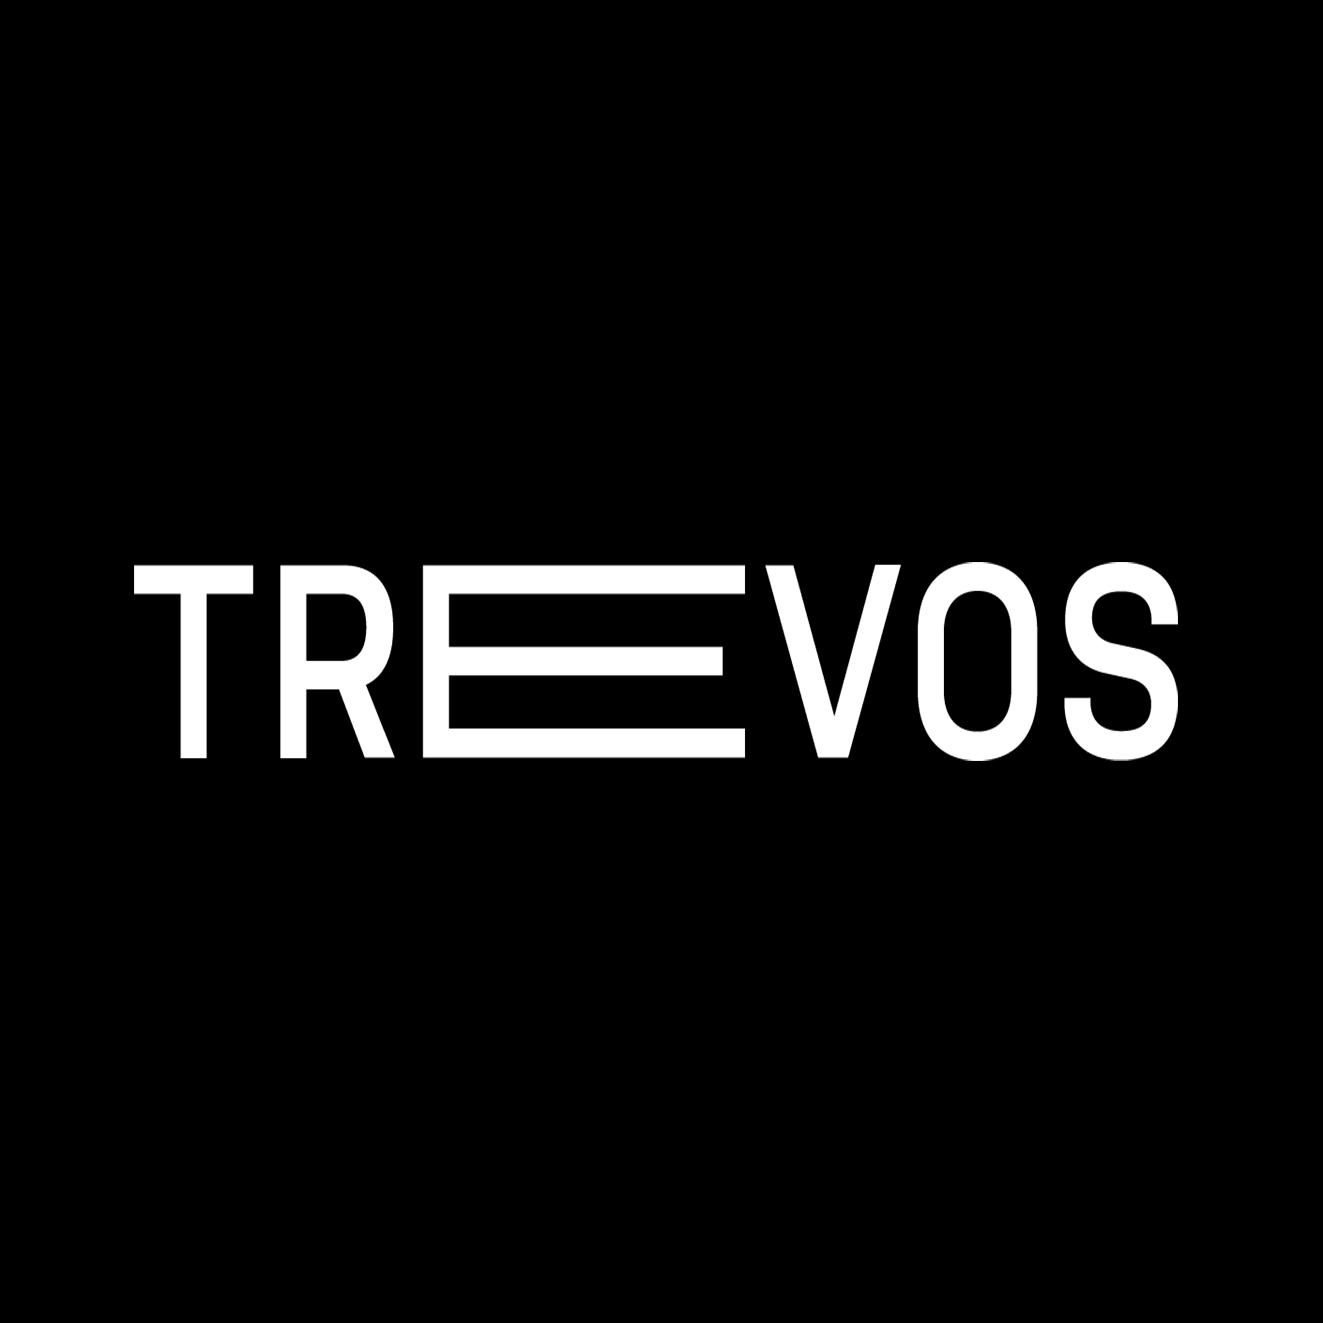 trevos_logotype